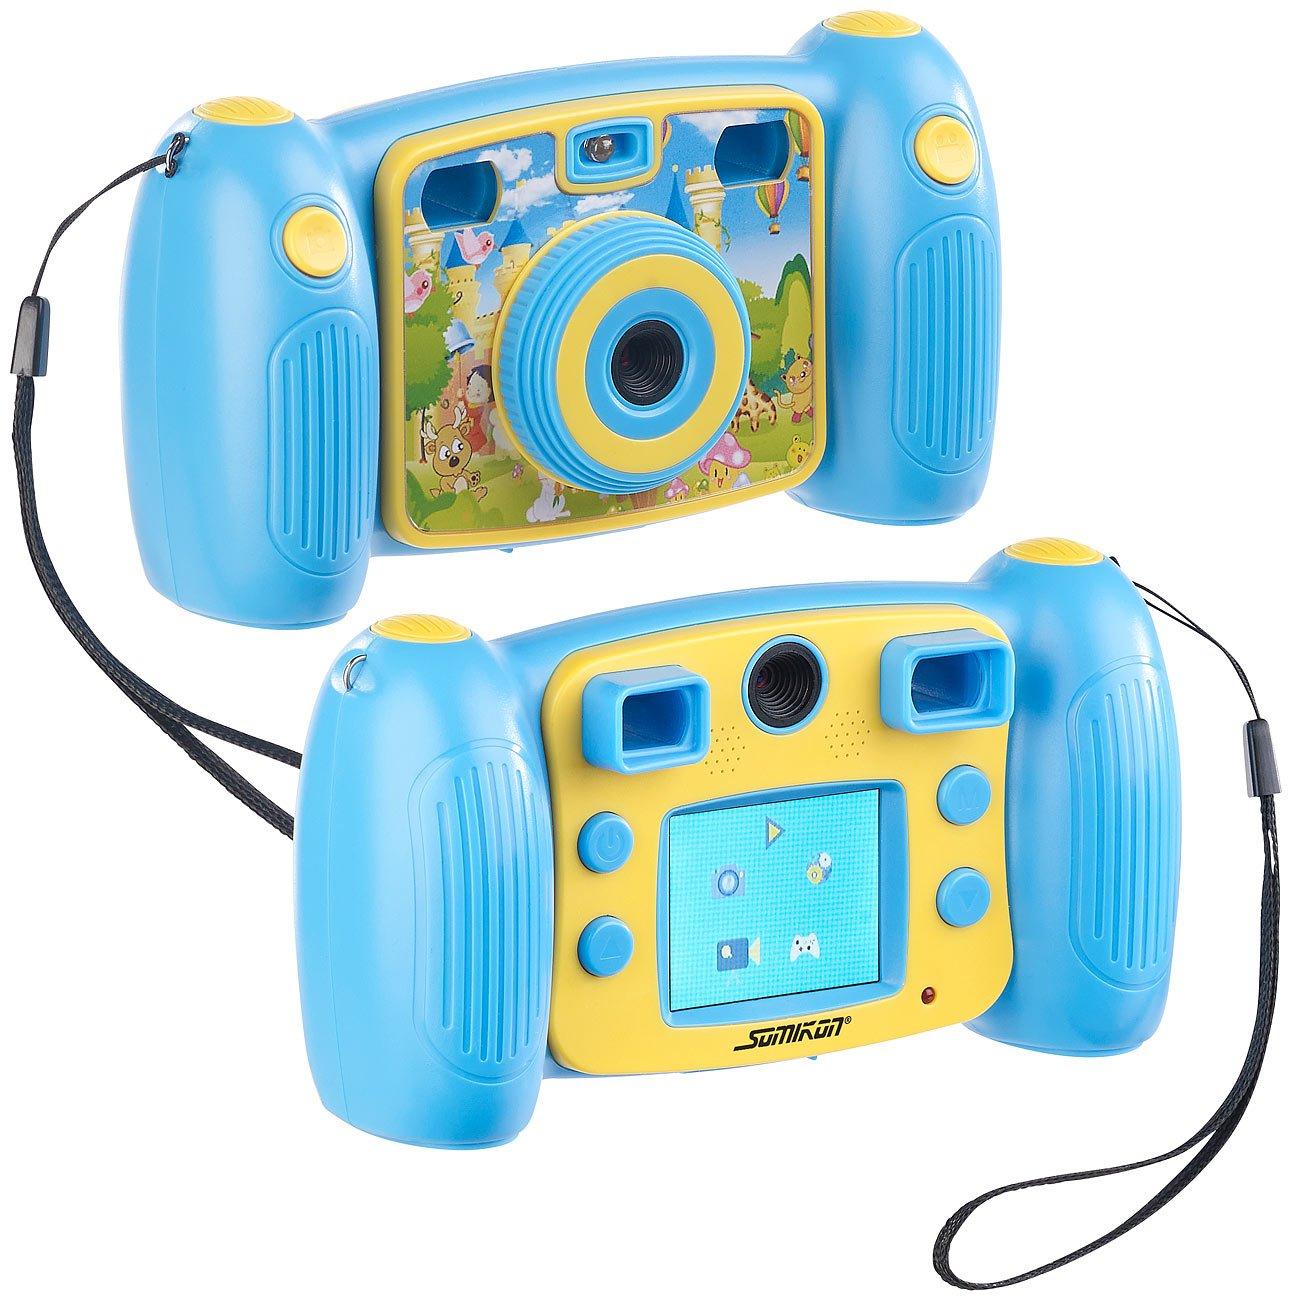 SOMIKON Appareil Photo numérique Full HD pour Enfants DV-25 - Bleu